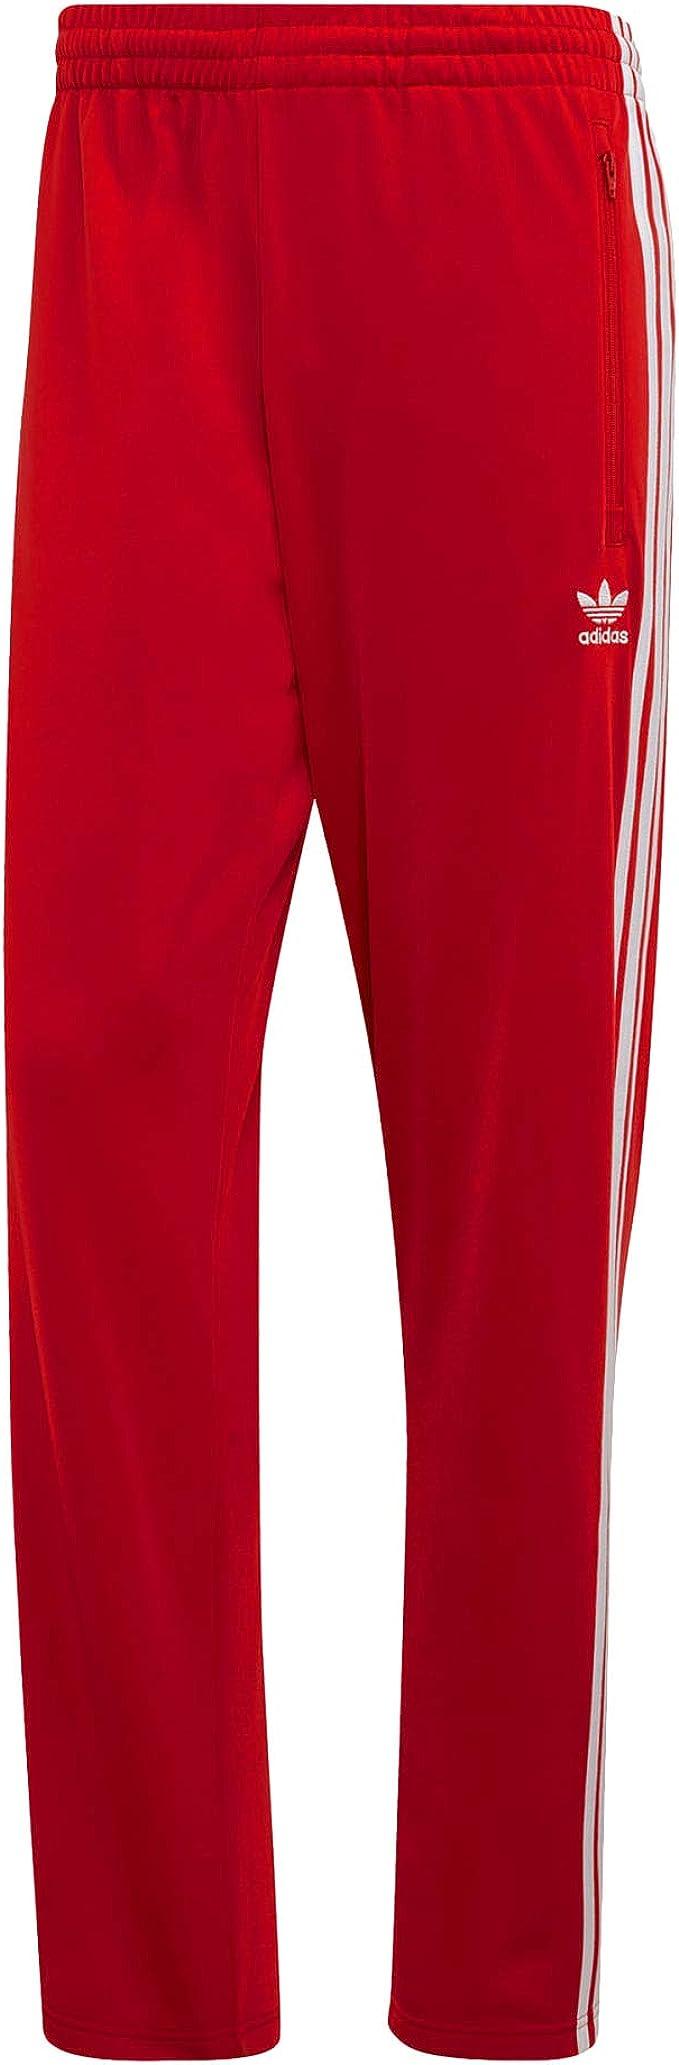 adidas Originals Firebird Track Pantalones para hombre: Amazon.es ...